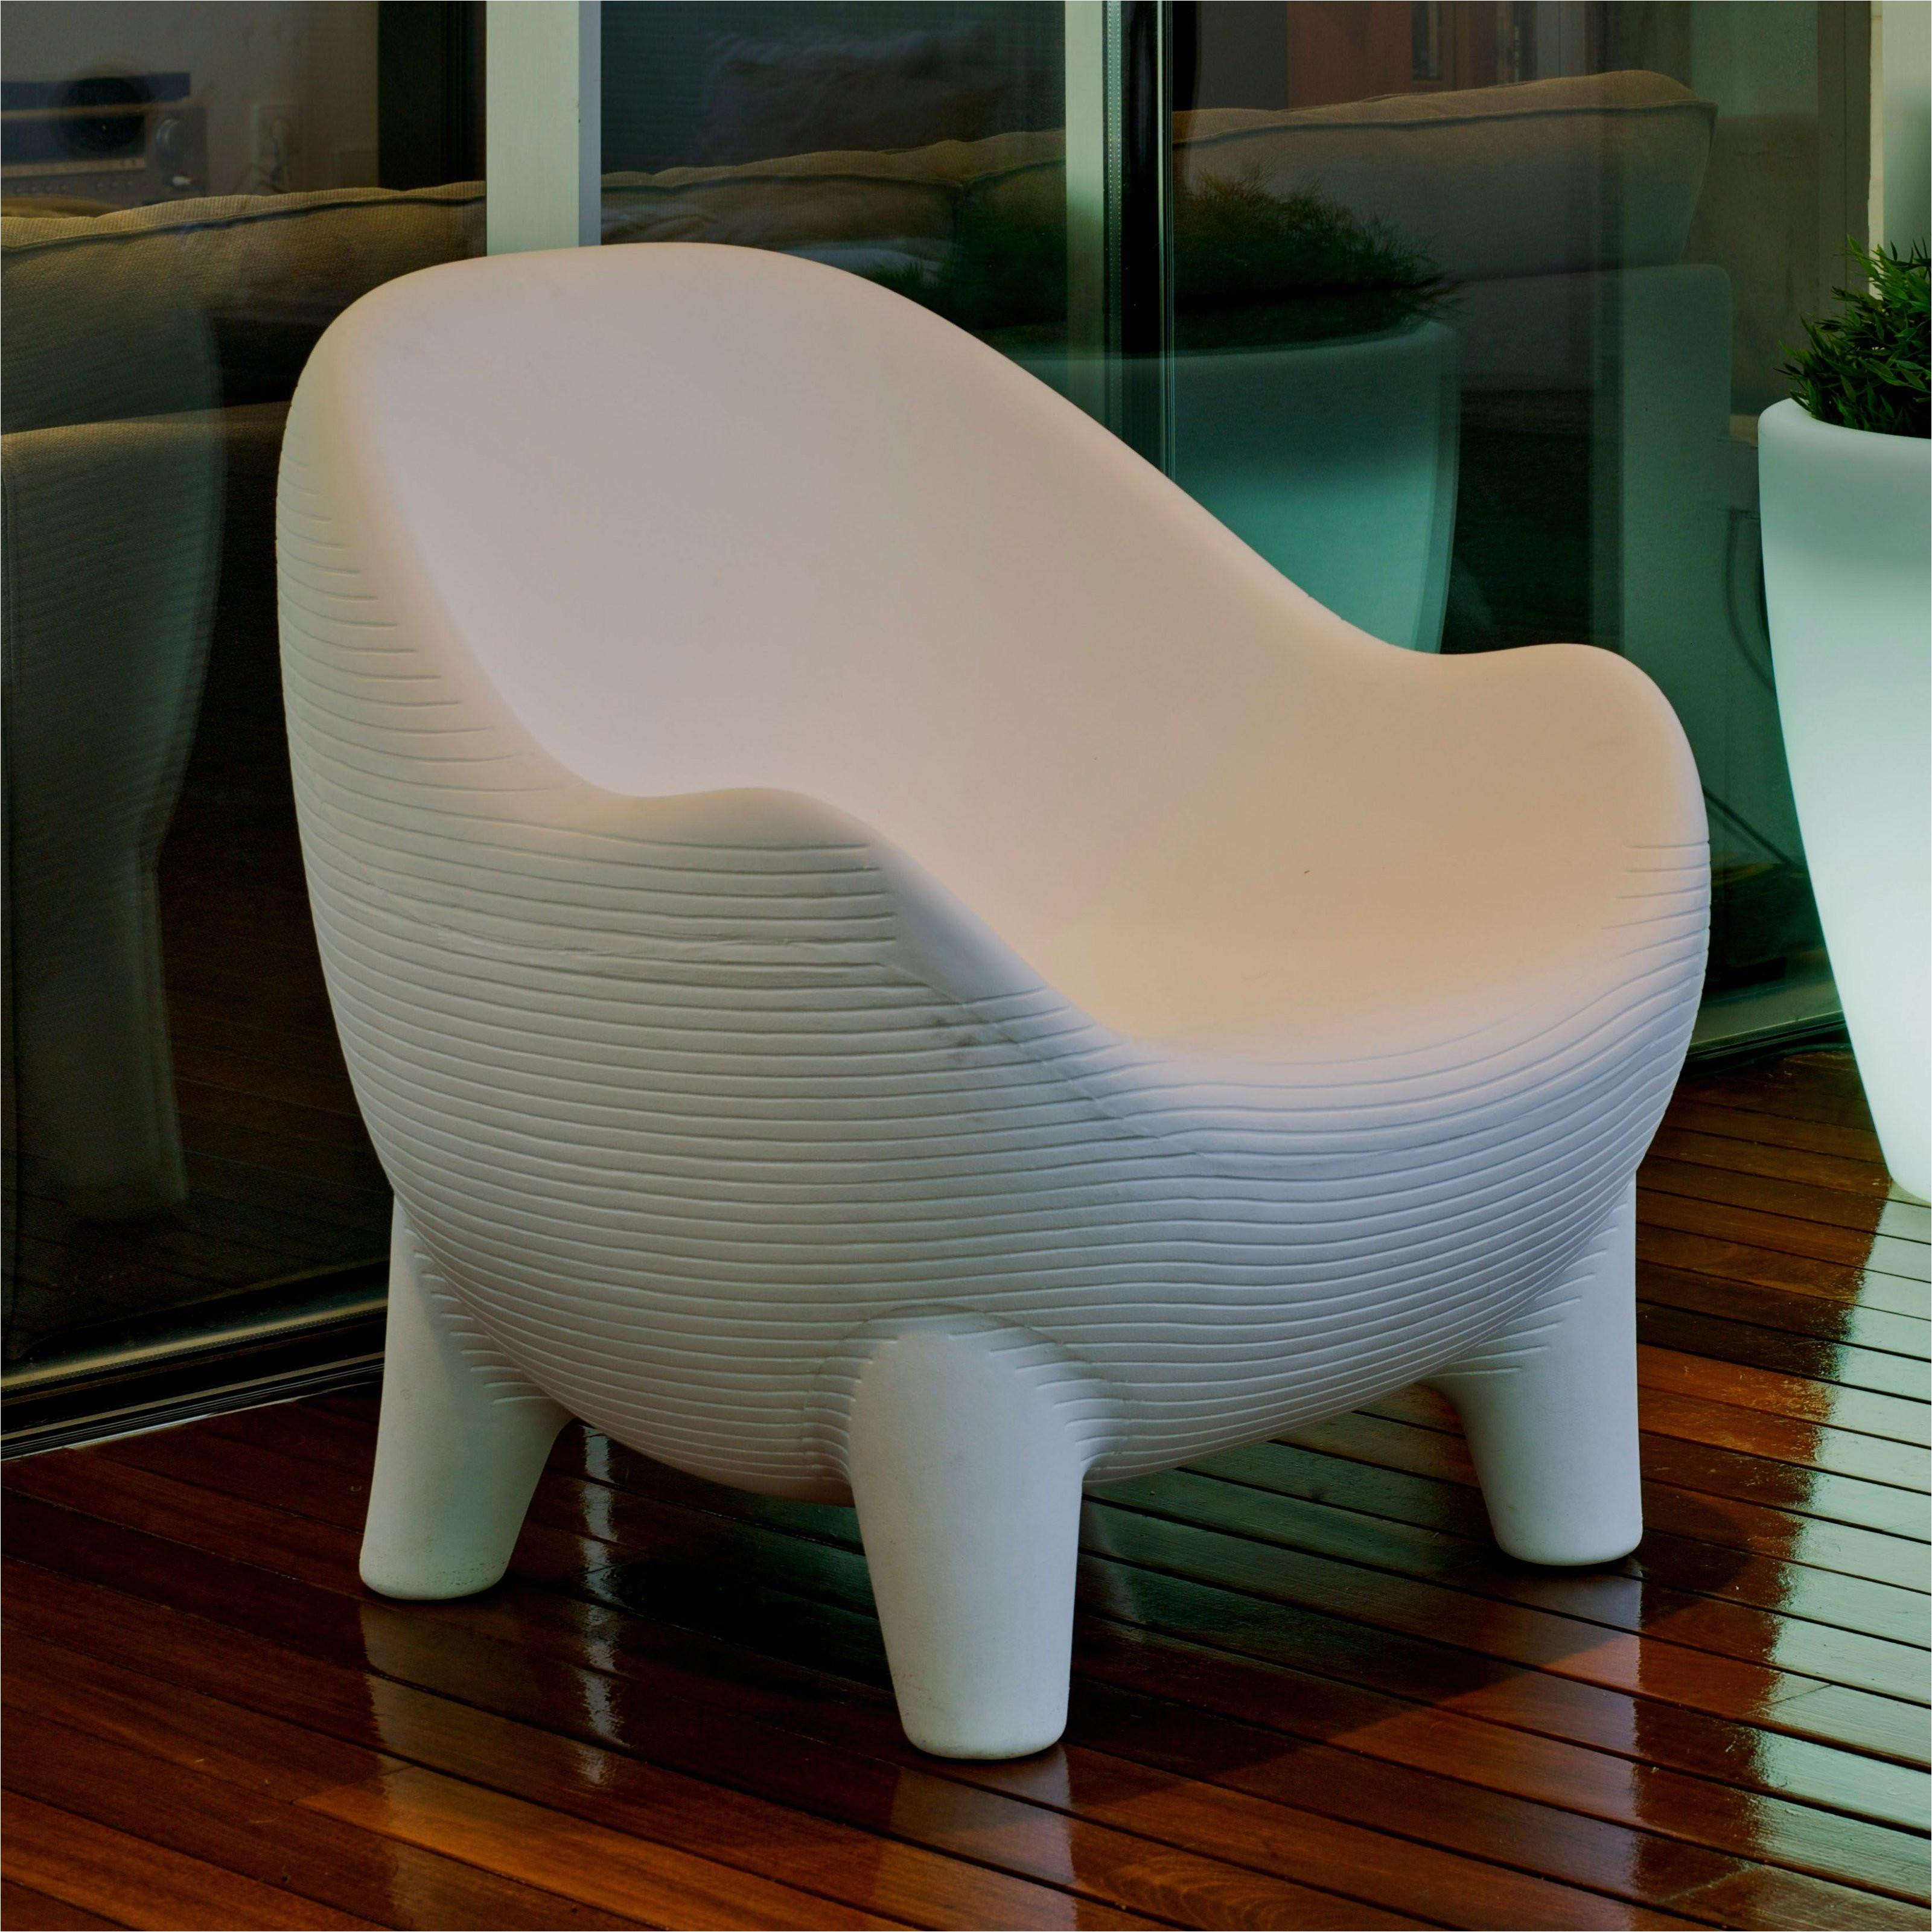 los mejores sillones hasta guay sillas y sillones de jardin media cache ec0 pinimg 1200x 0d